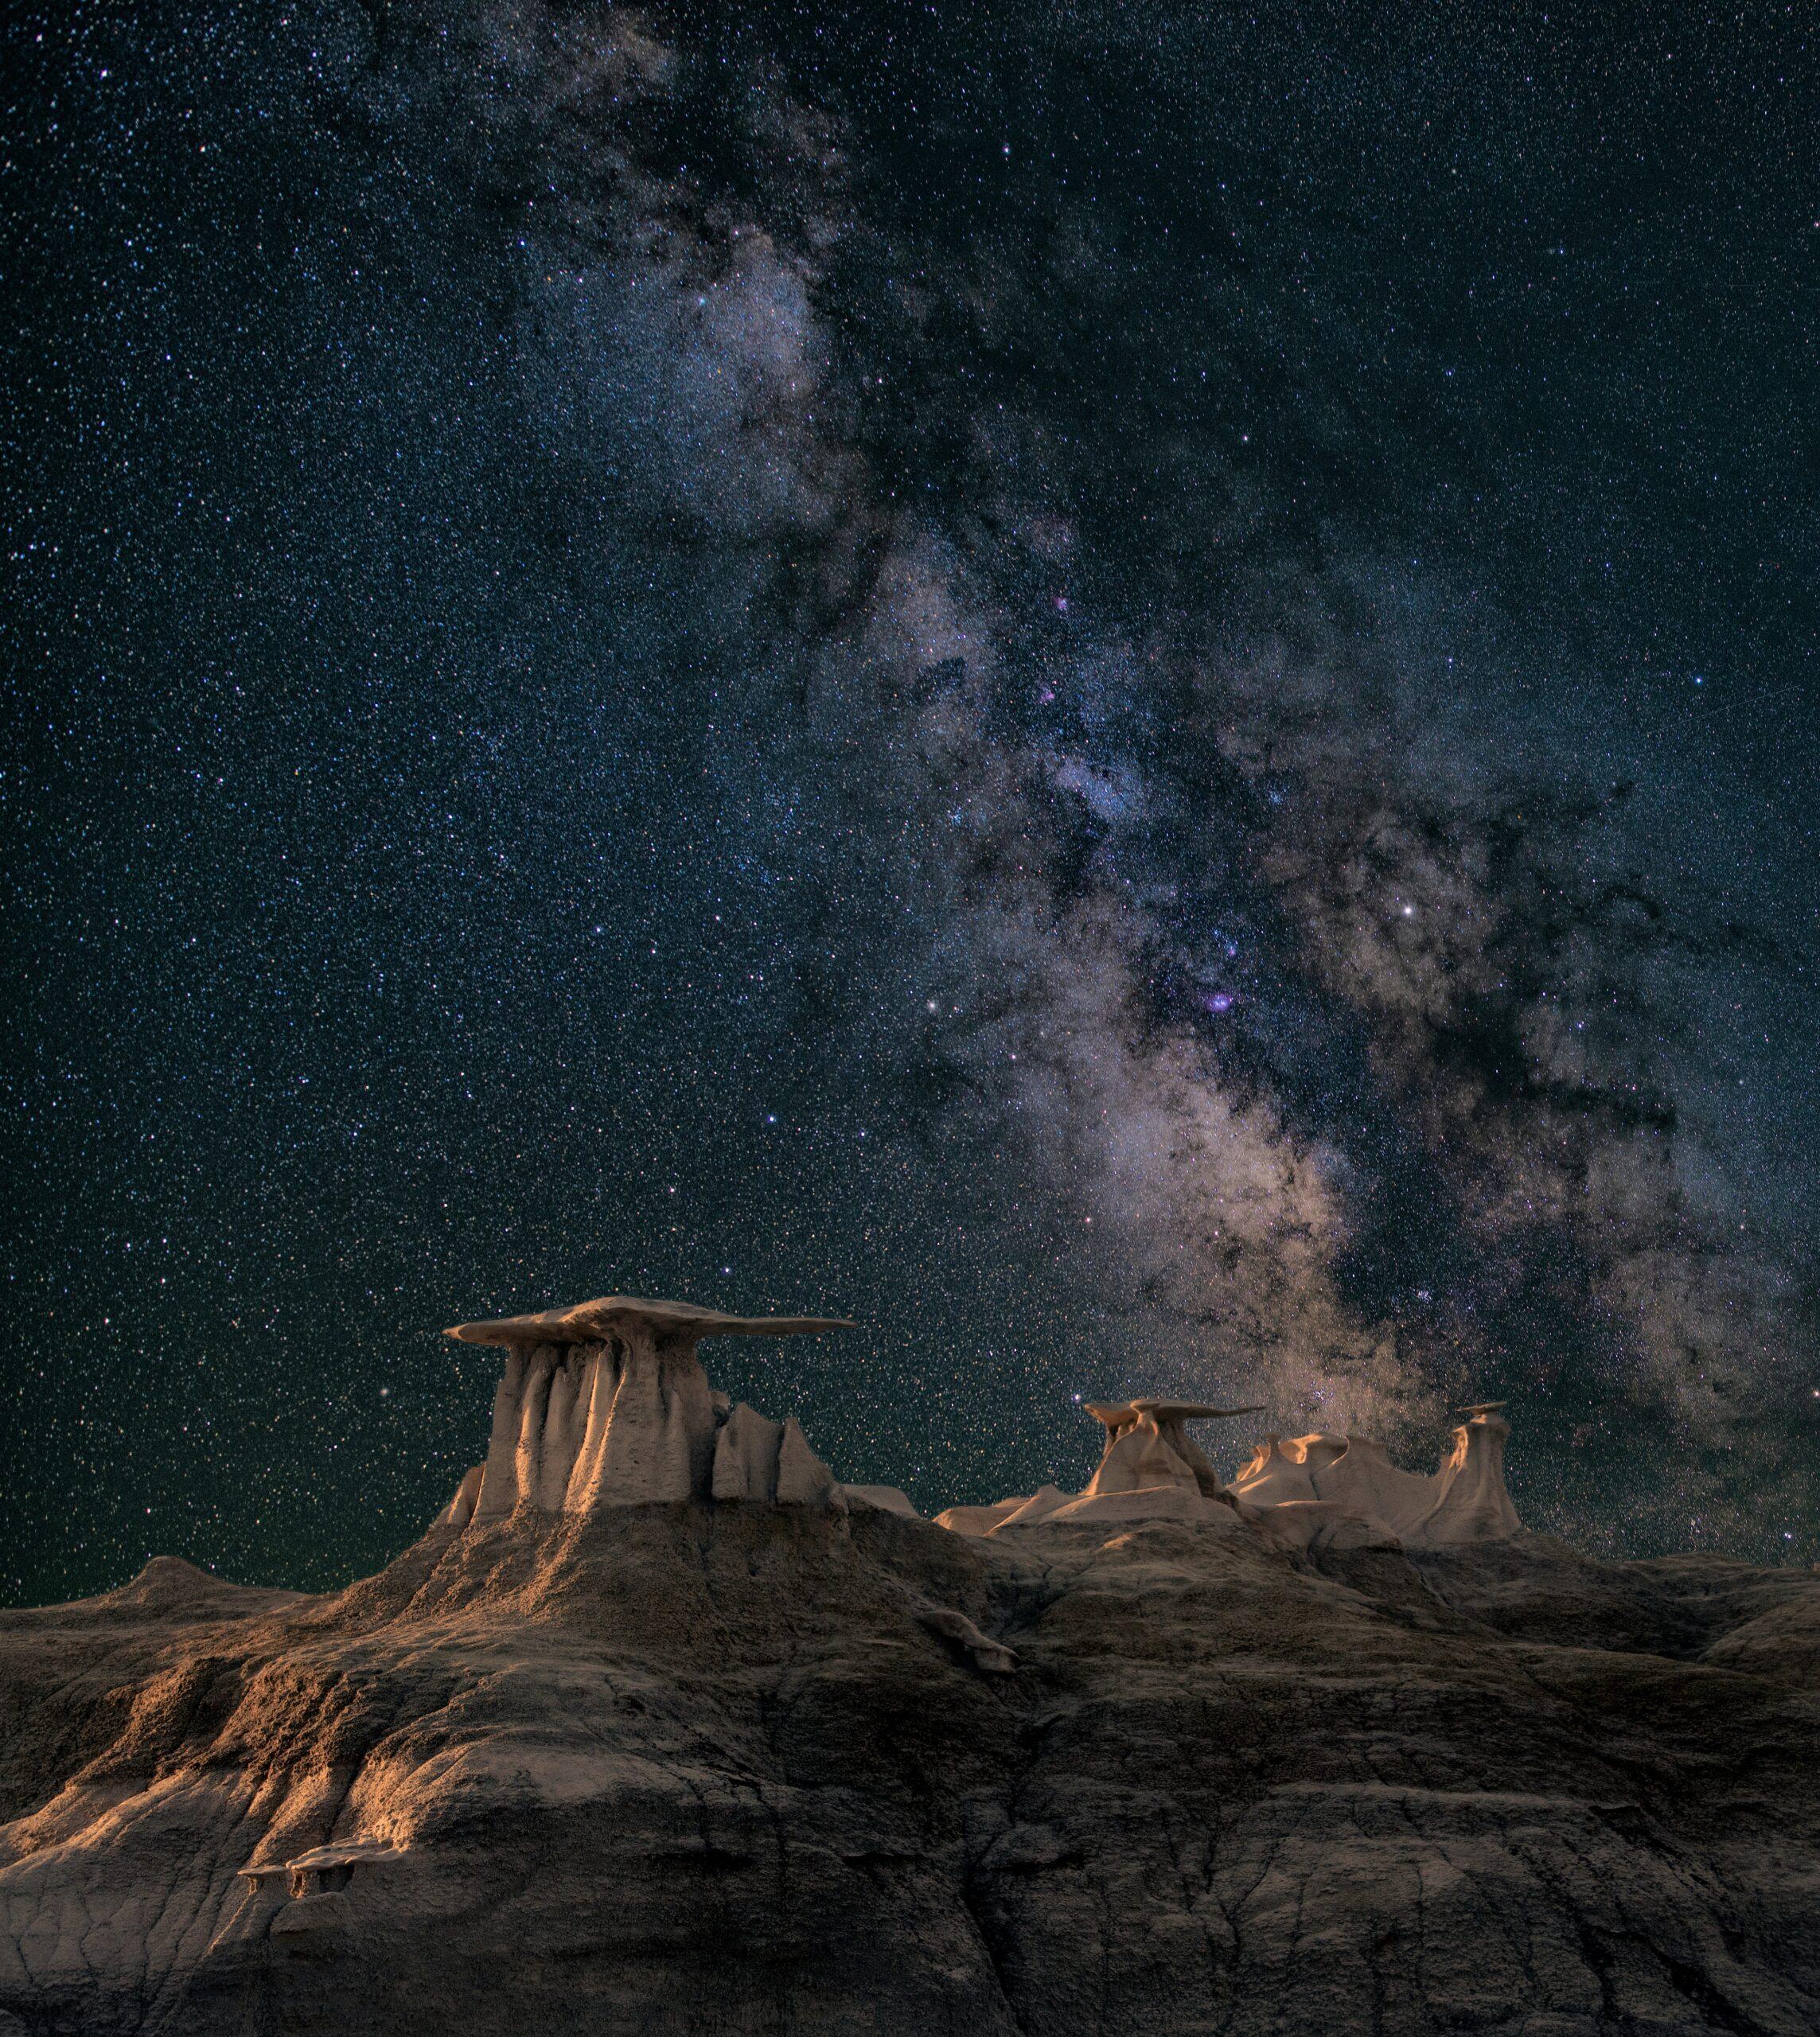 john-fowler-Aurora australis' starry sky over desert landscape-unsplash